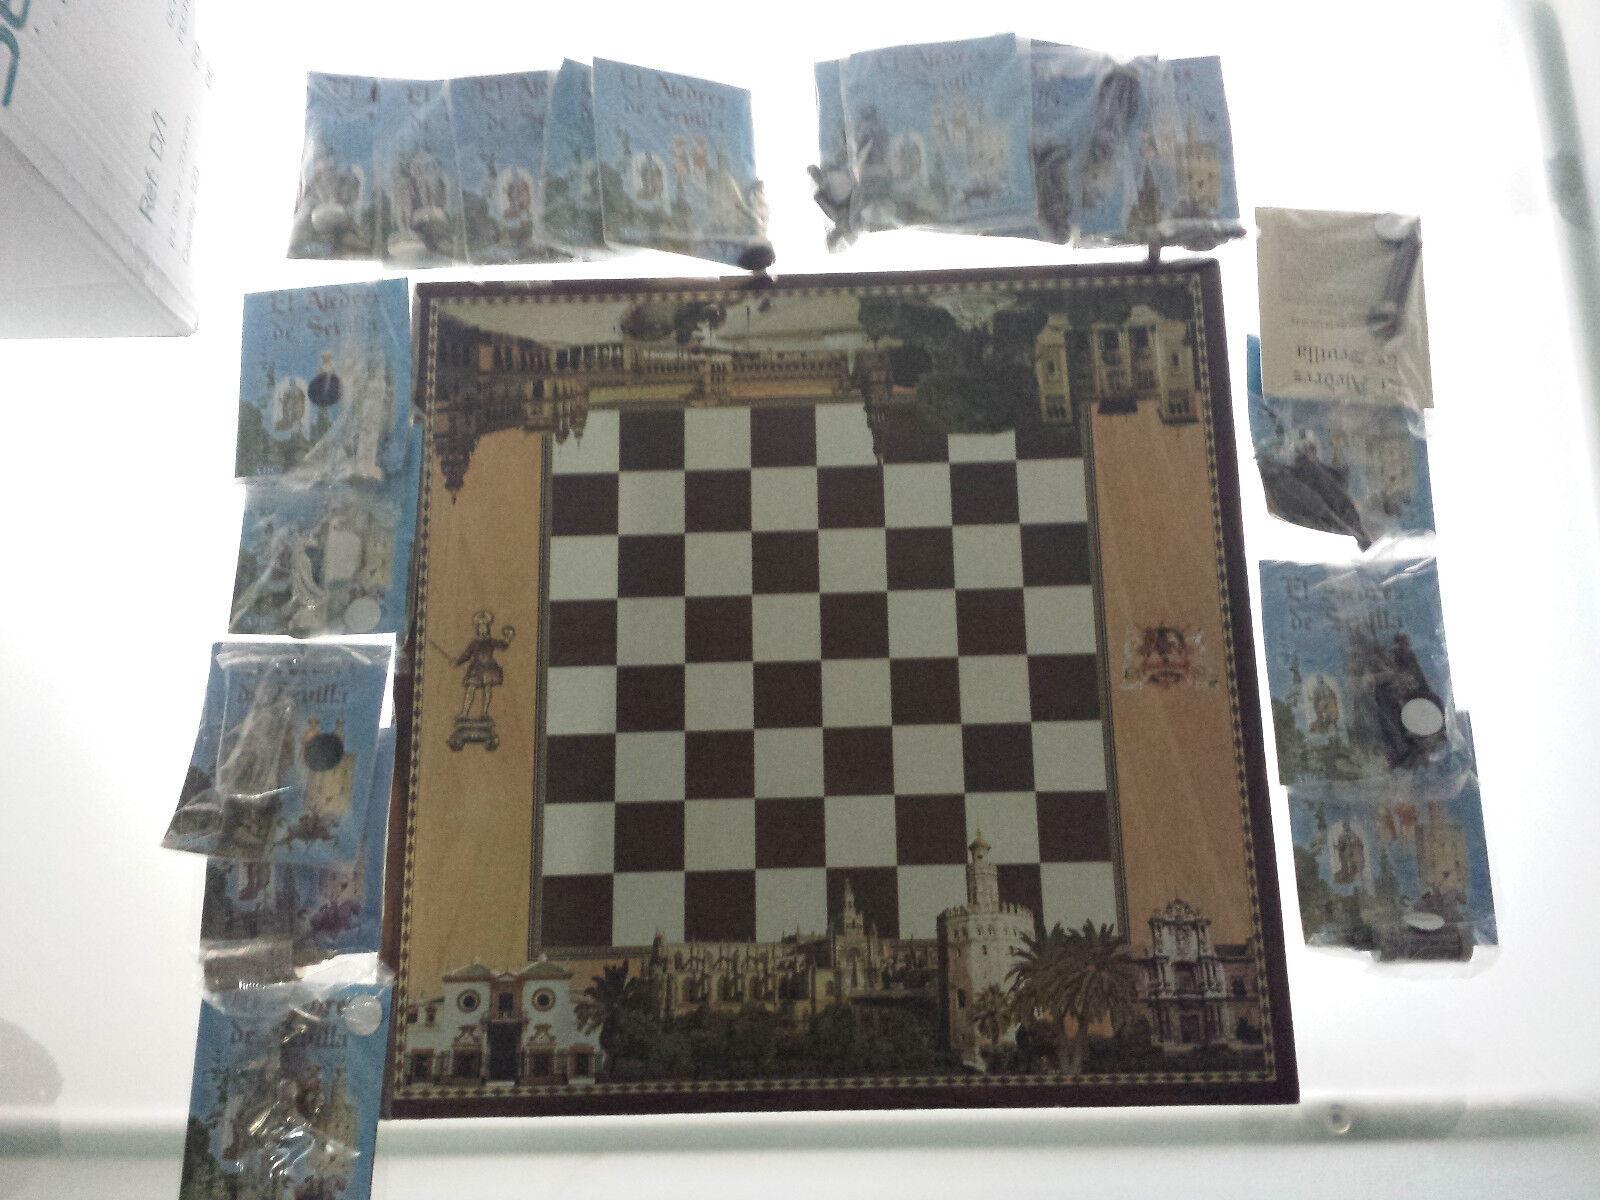 AJEDREZ DE SEVILLA BY ABC DE SEVILLA - - - UNCOMPLETE WITH 20 PIECES + CHESS TABLE 5ef4c9